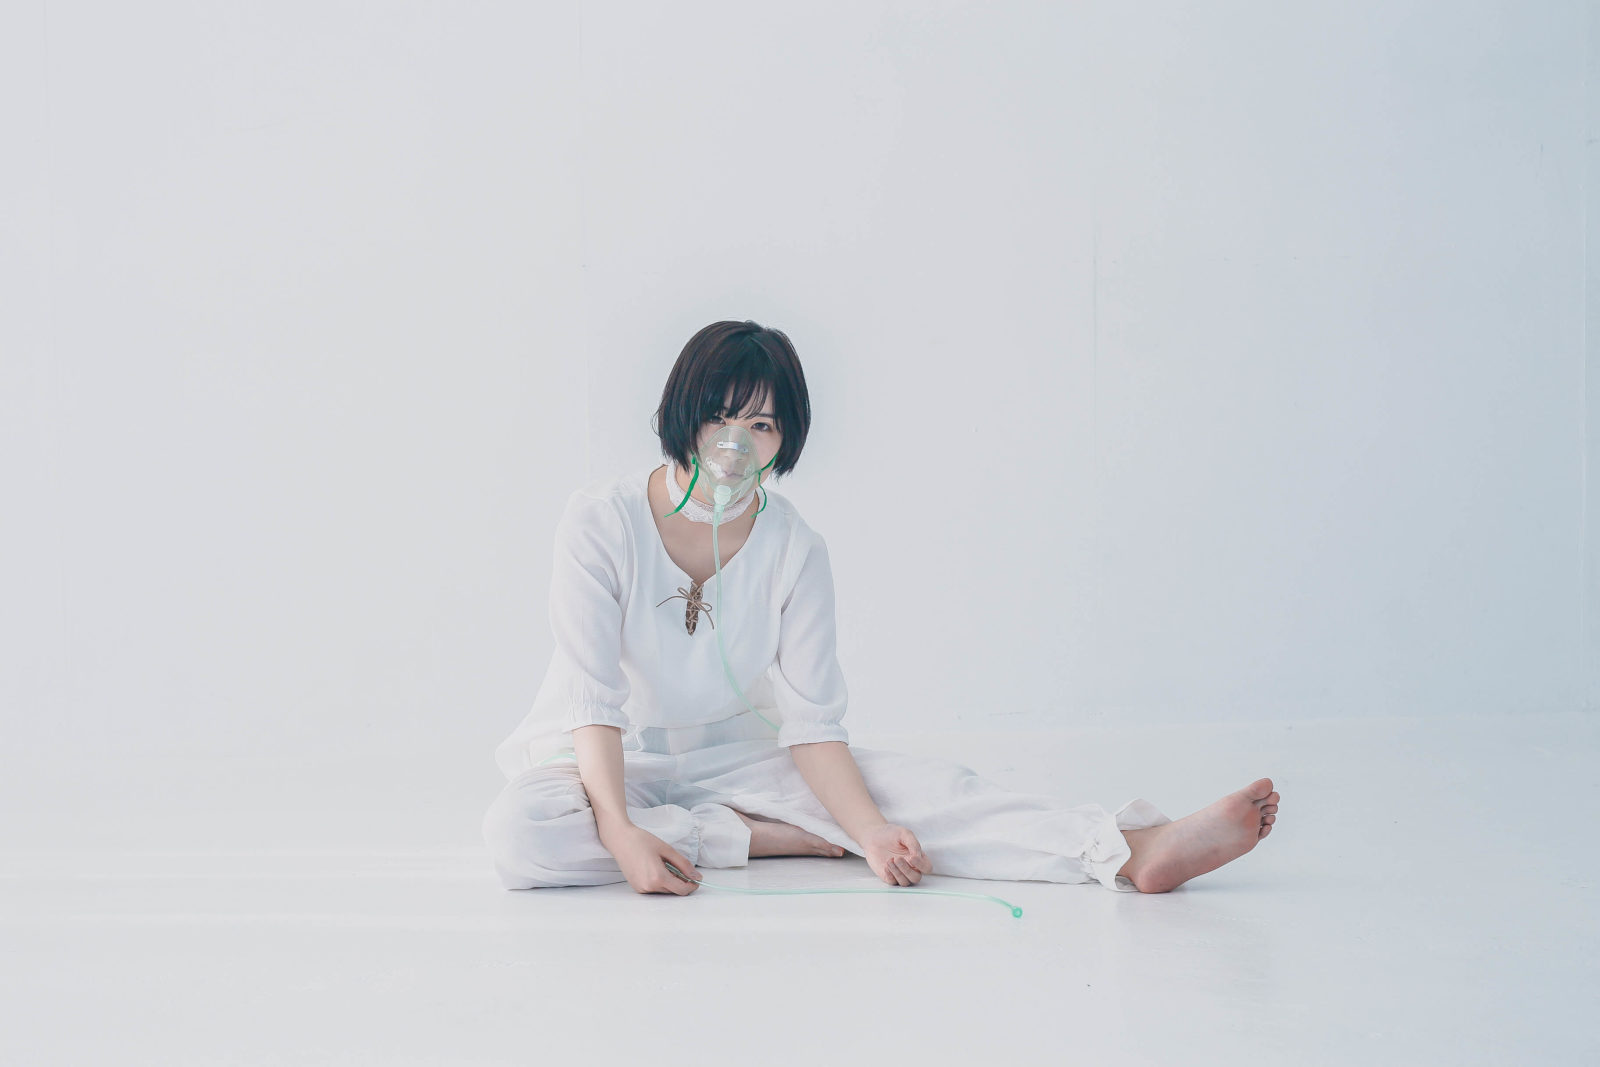 20歳のシンガーソングライター湯木慧、メジャーデビューを発表サムネイル画像